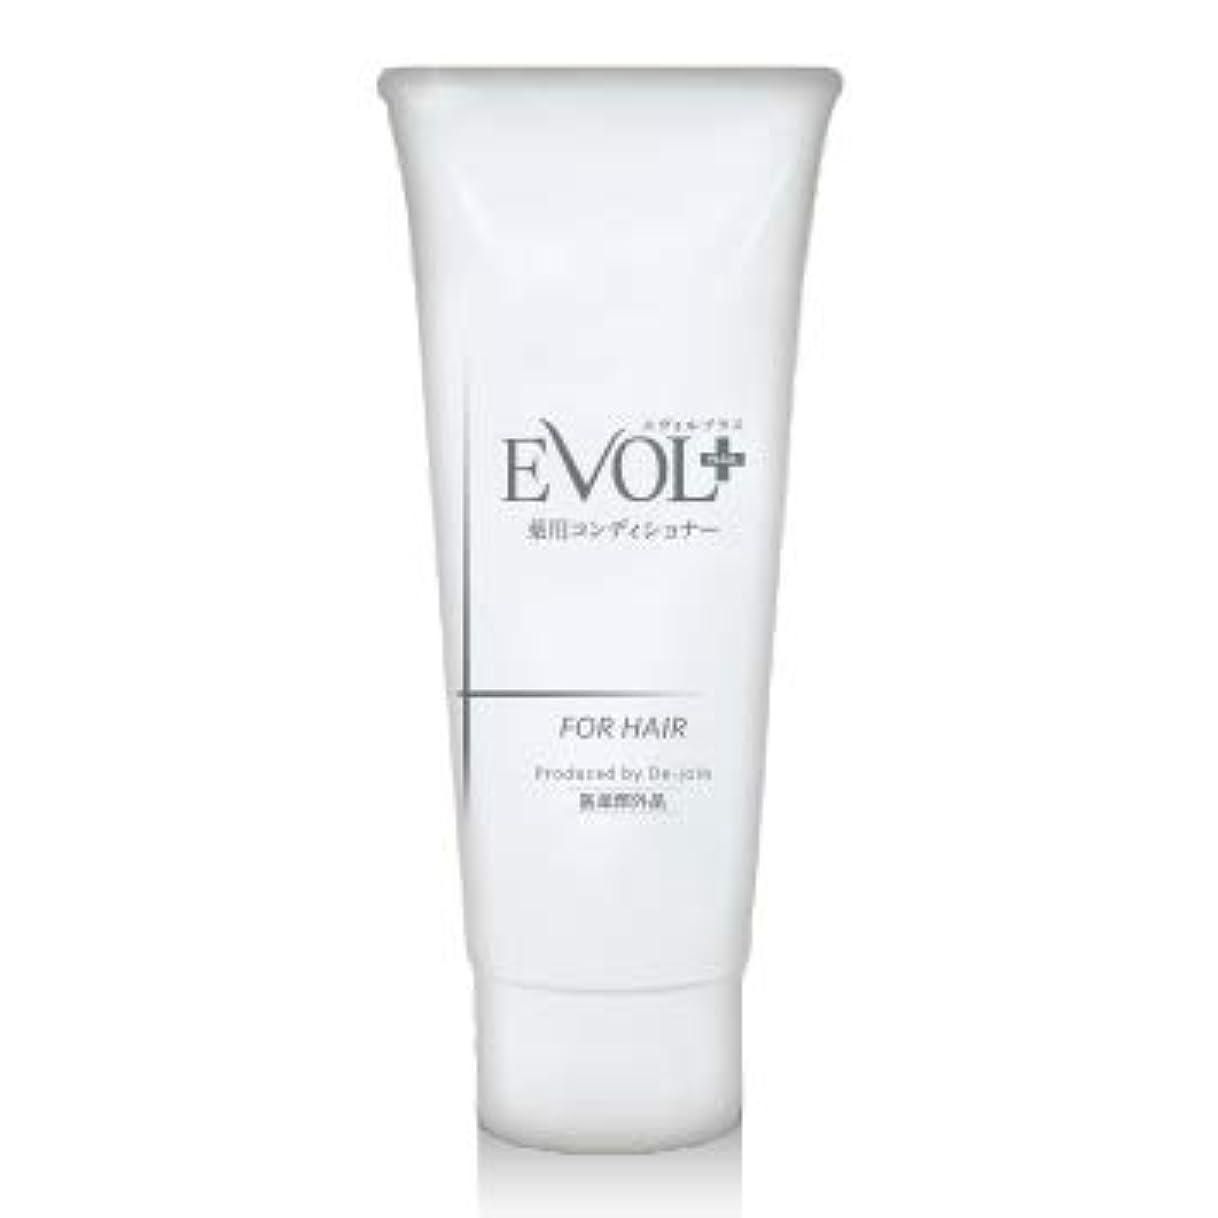 EVOL+(エヴォルプラス)薬用育毛コンディショナー お得なコース